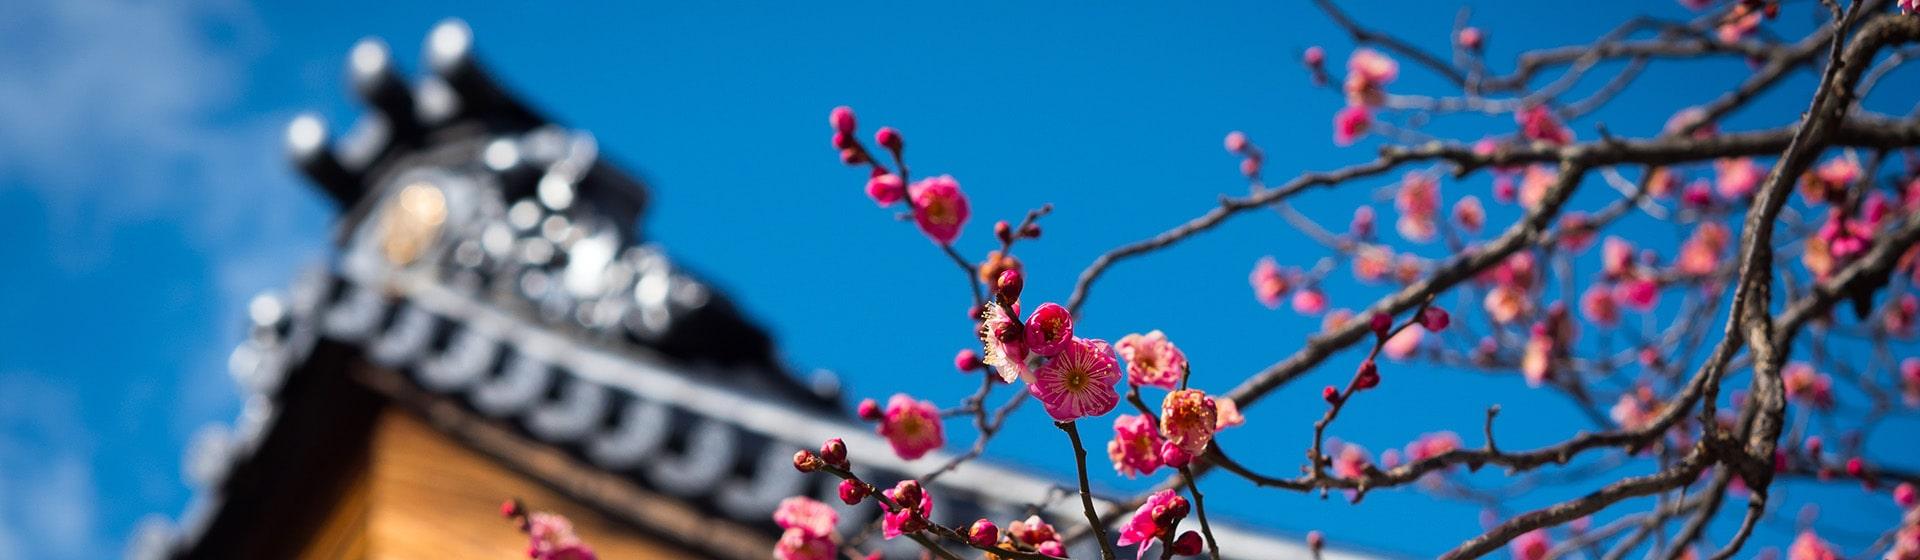 Легенды и огни Токио на 8 марта. Сезон цветения сливы<br>Токио — Йокогама — Токио